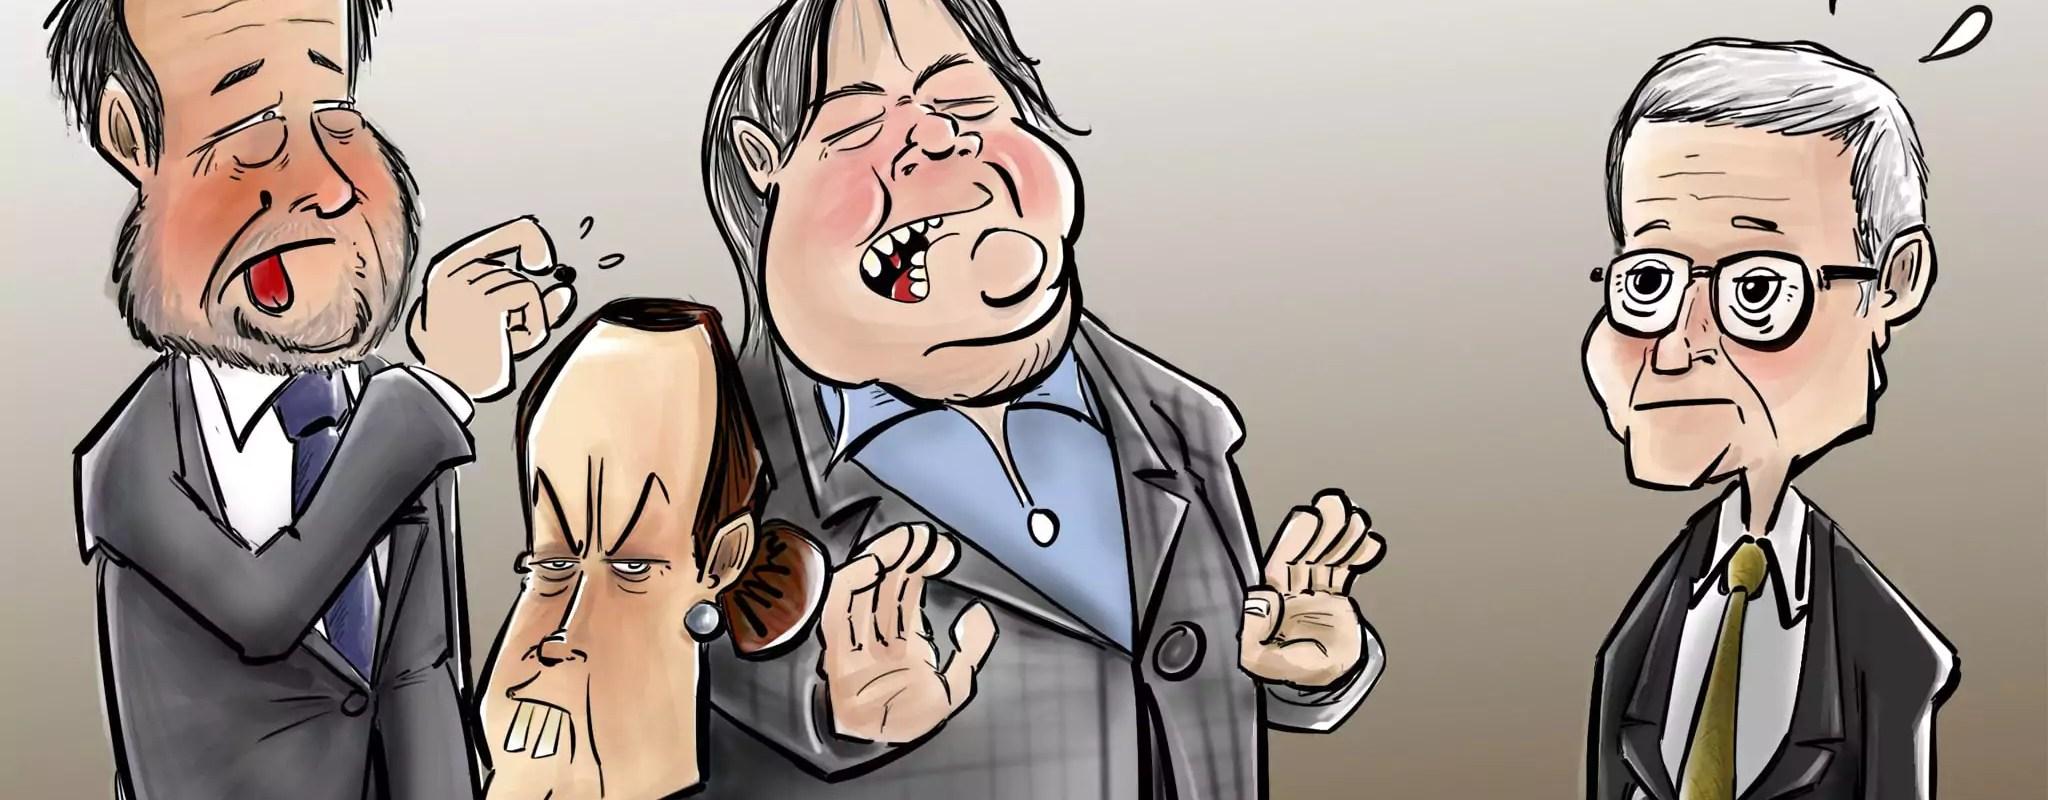 Un problème de communication entre l'opposition et le déontologue?